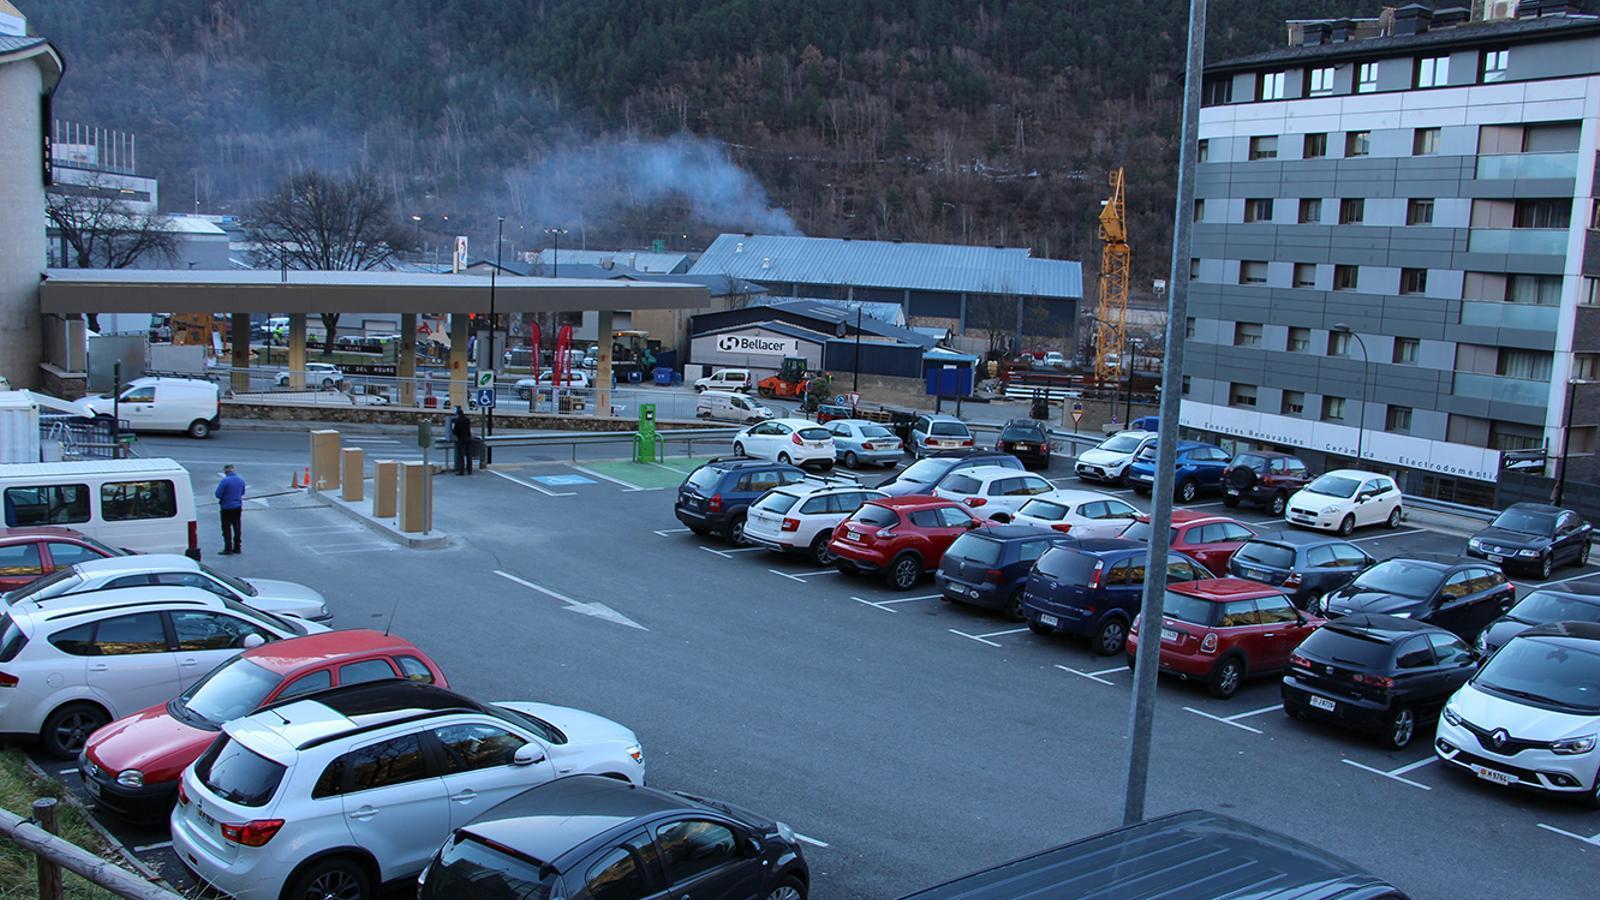 L'aparcament a tocar del col·legi Janer on s'està instal·lant una barrera. / T. N. (ANA)